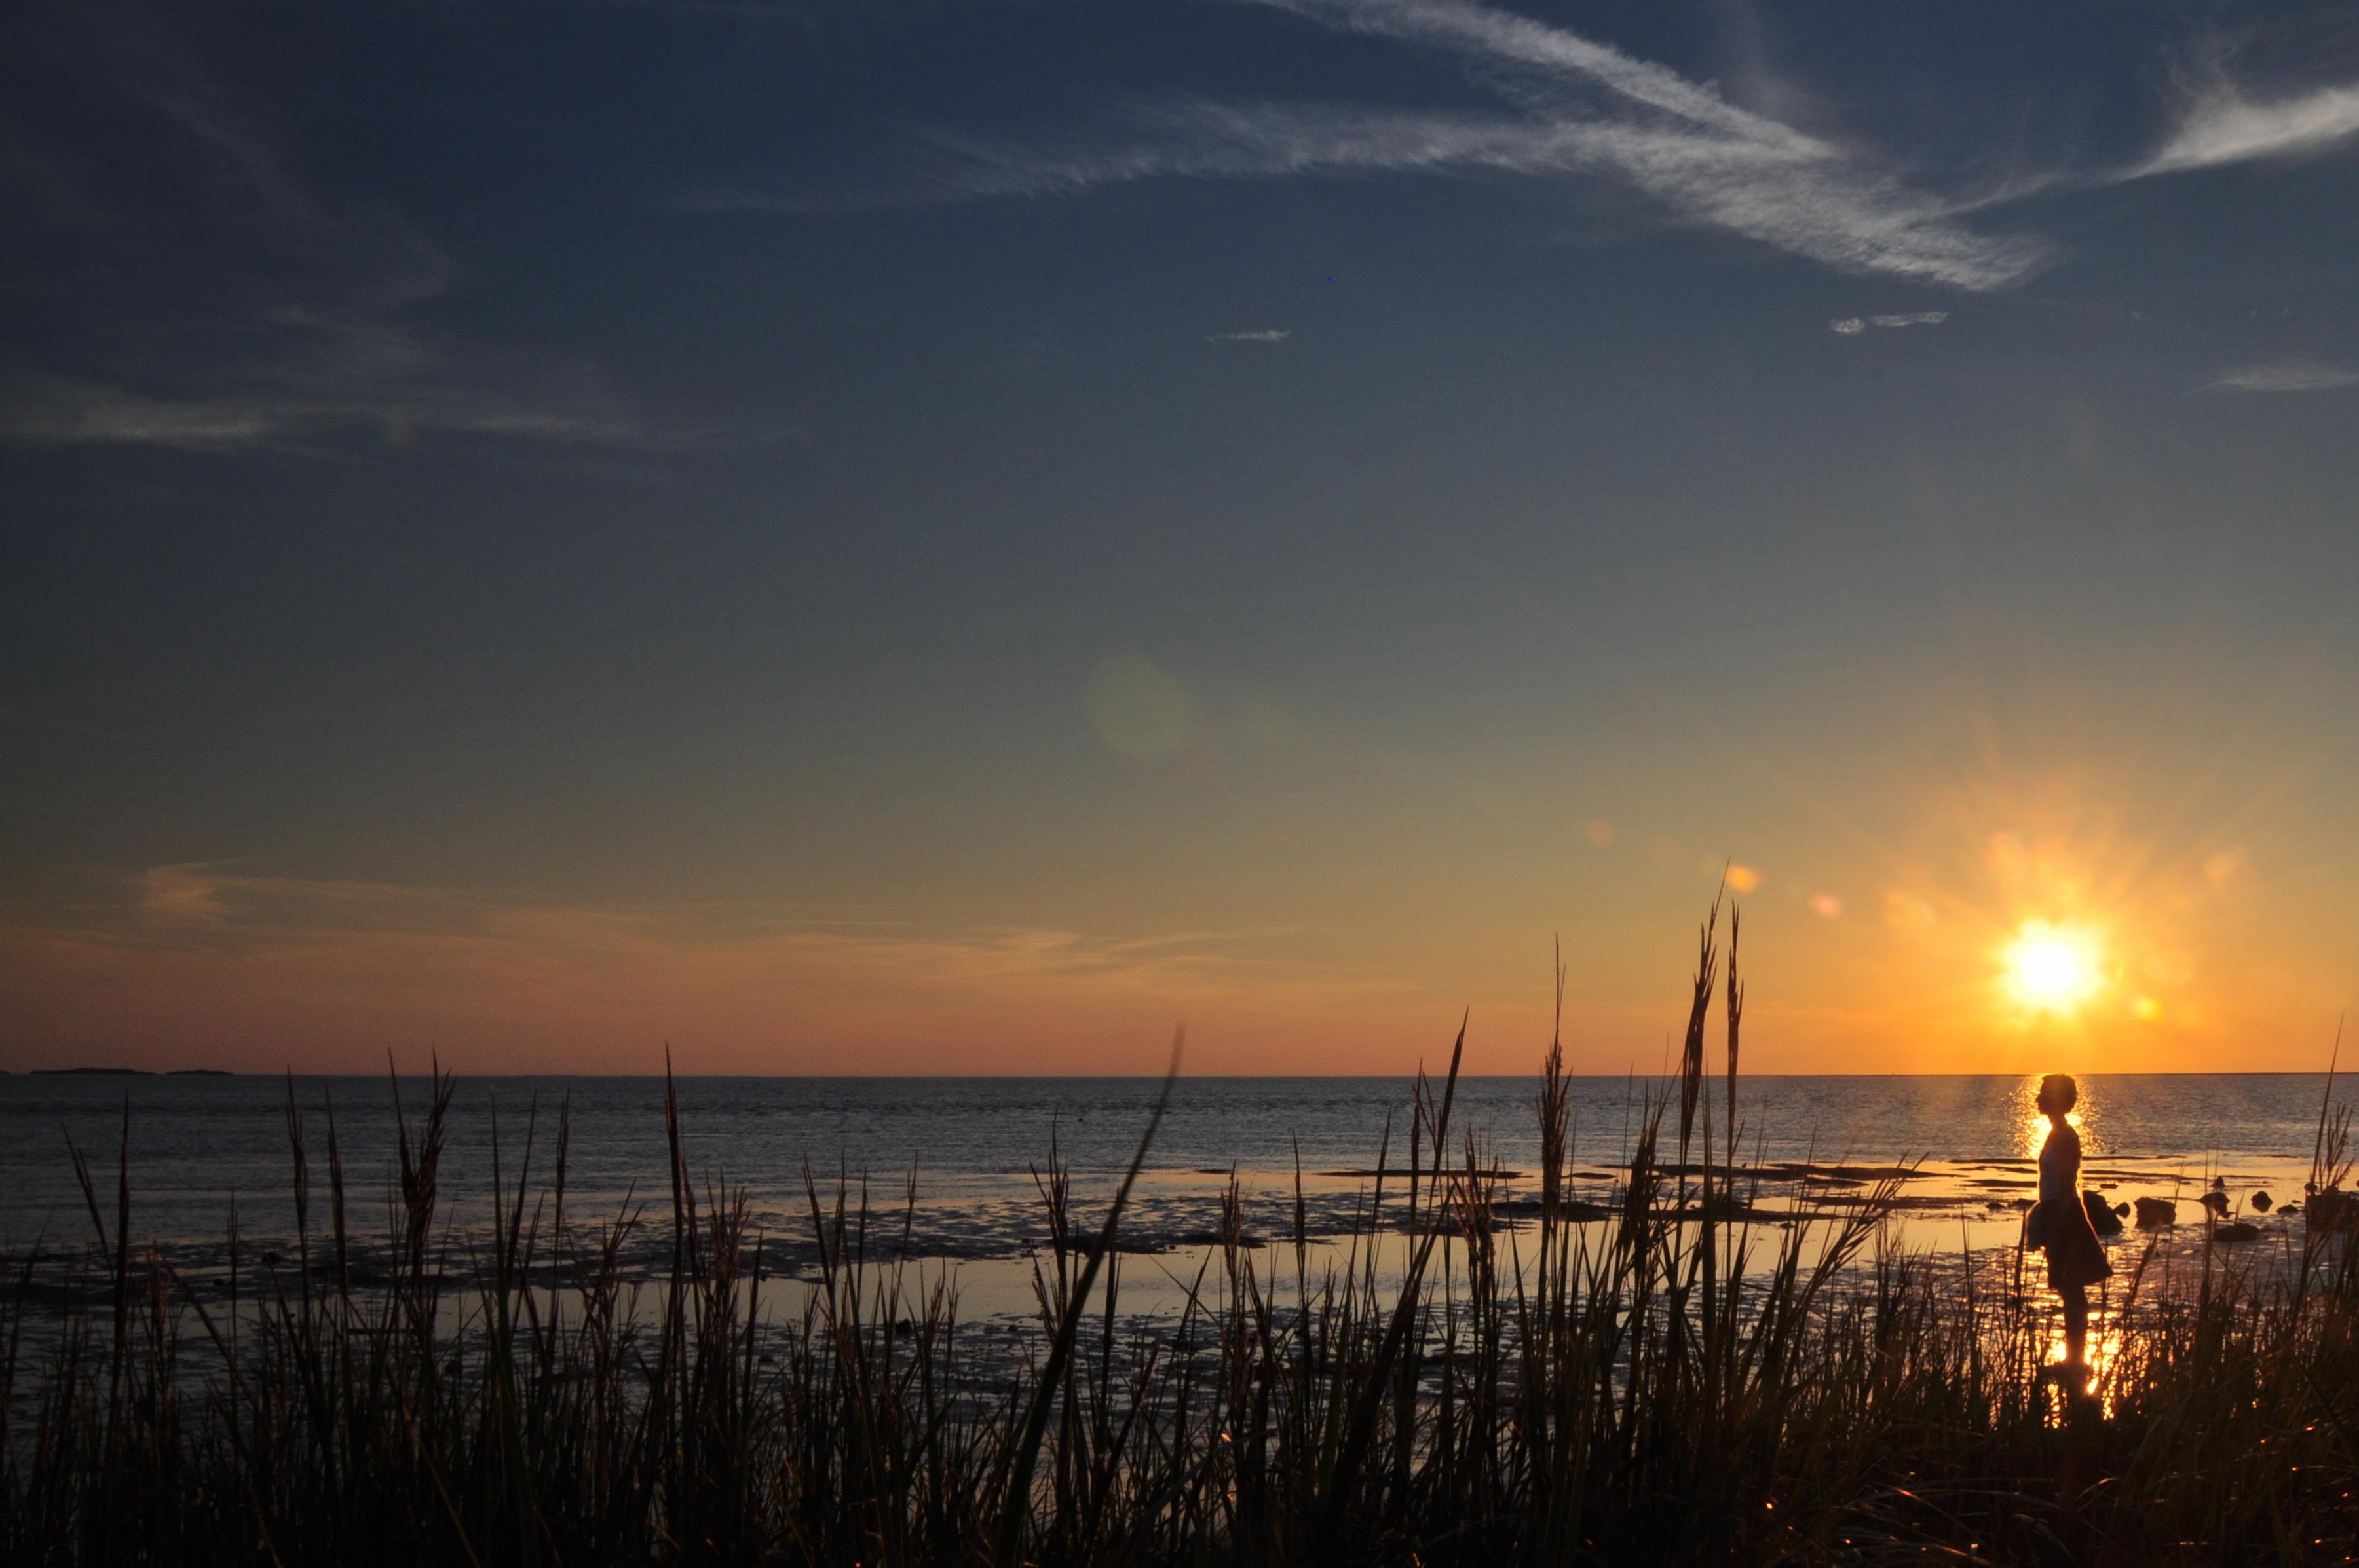 Sunset with girl wearing skirt, Girl, Ocean, Sunset, HQ Photo